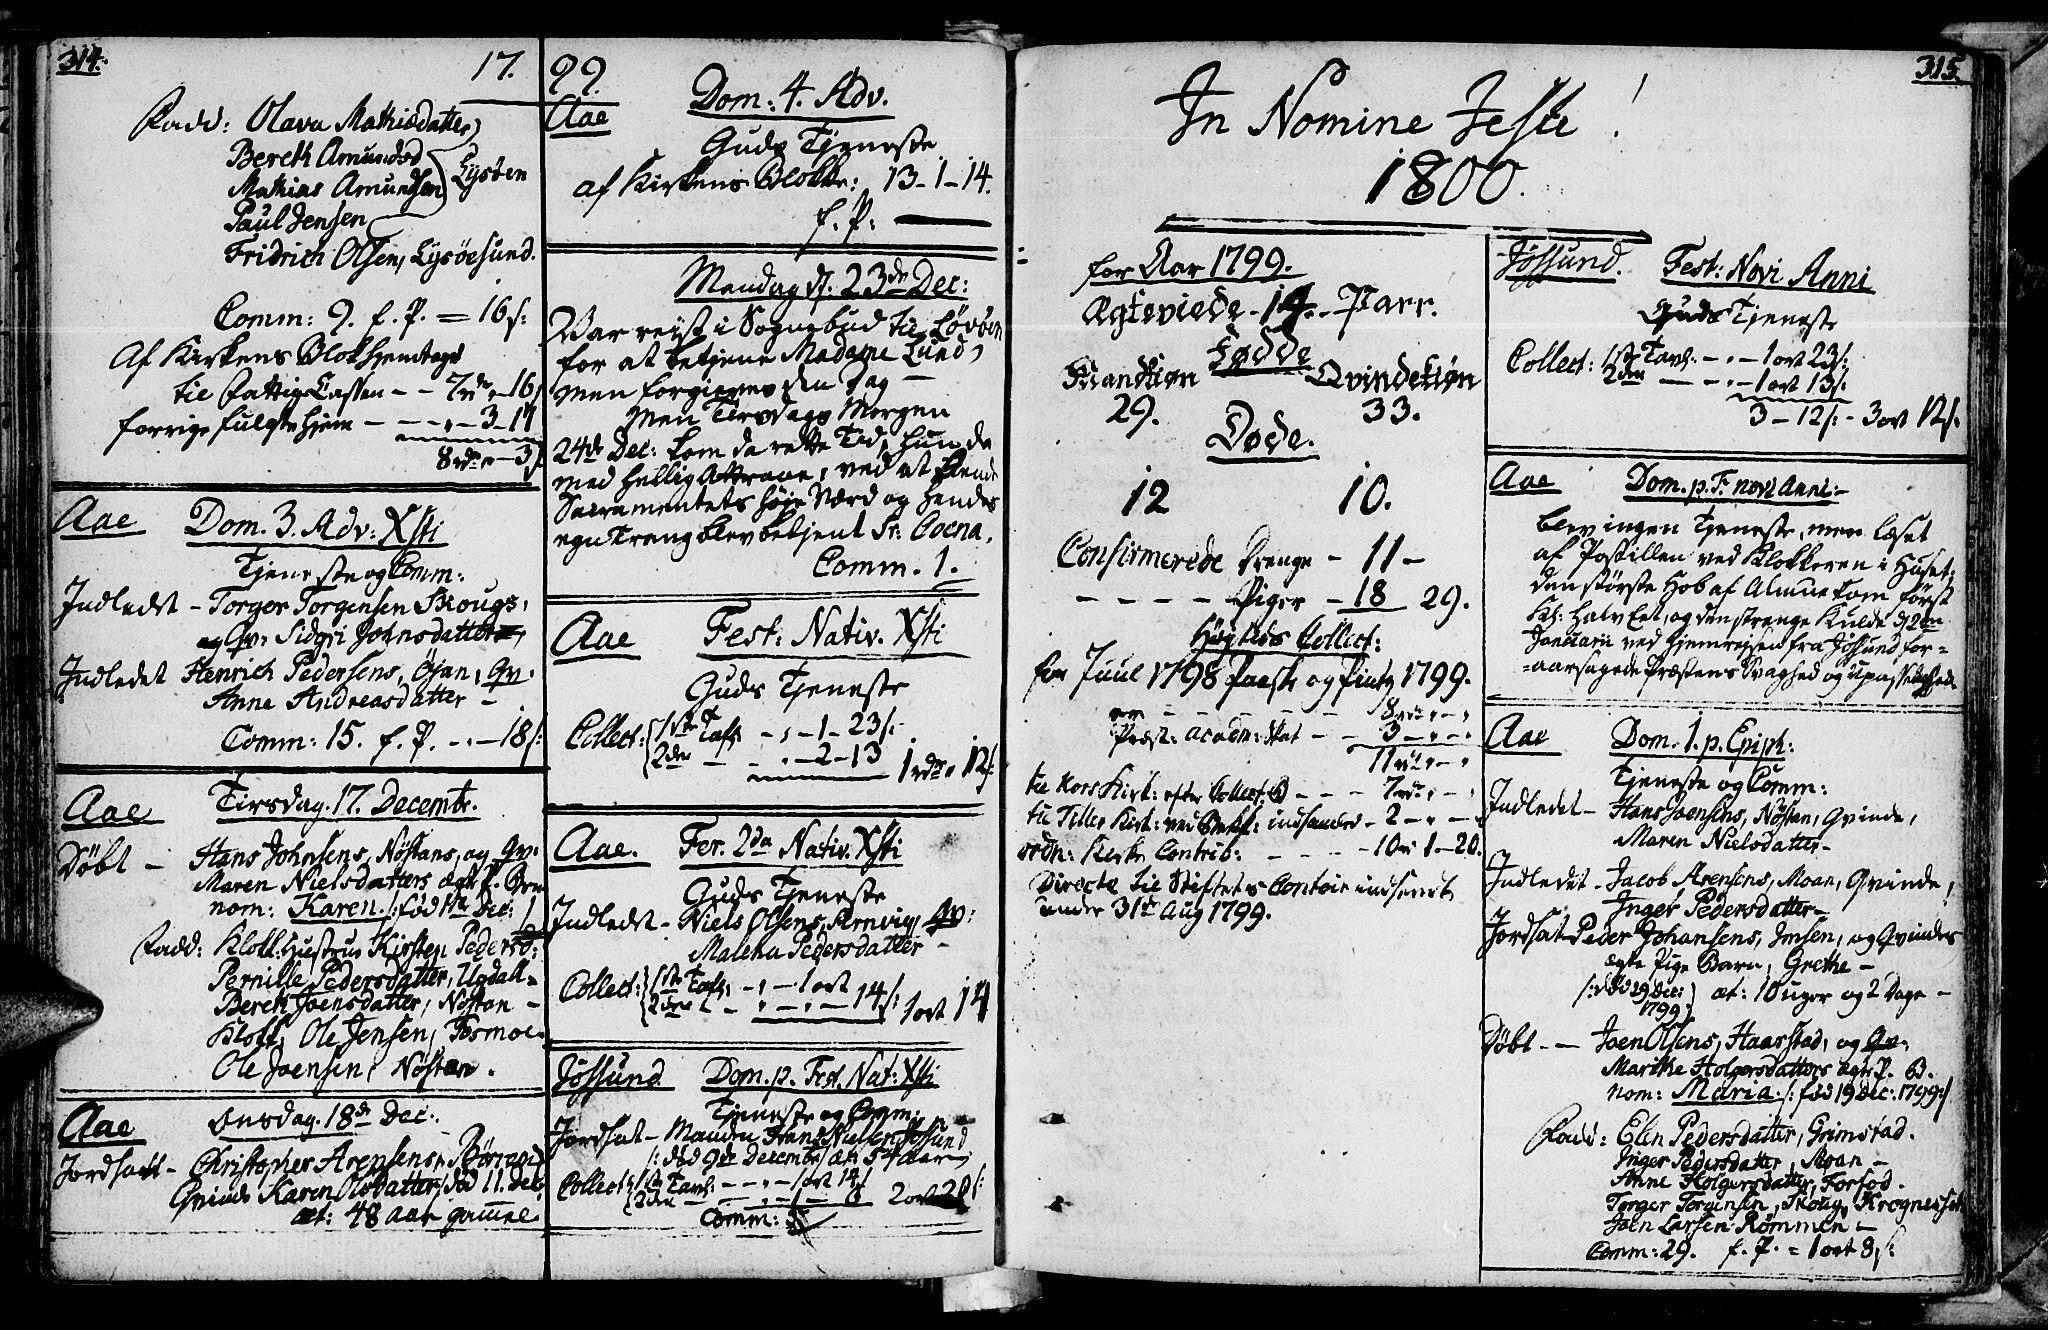 SAT, Ministerialprotokoller, klokkerbøker og fødselsregistre - Sør-Trøndelag, 655/L0673: Ministerialbok nr. 655A02, 1780-1801, s. 314-315